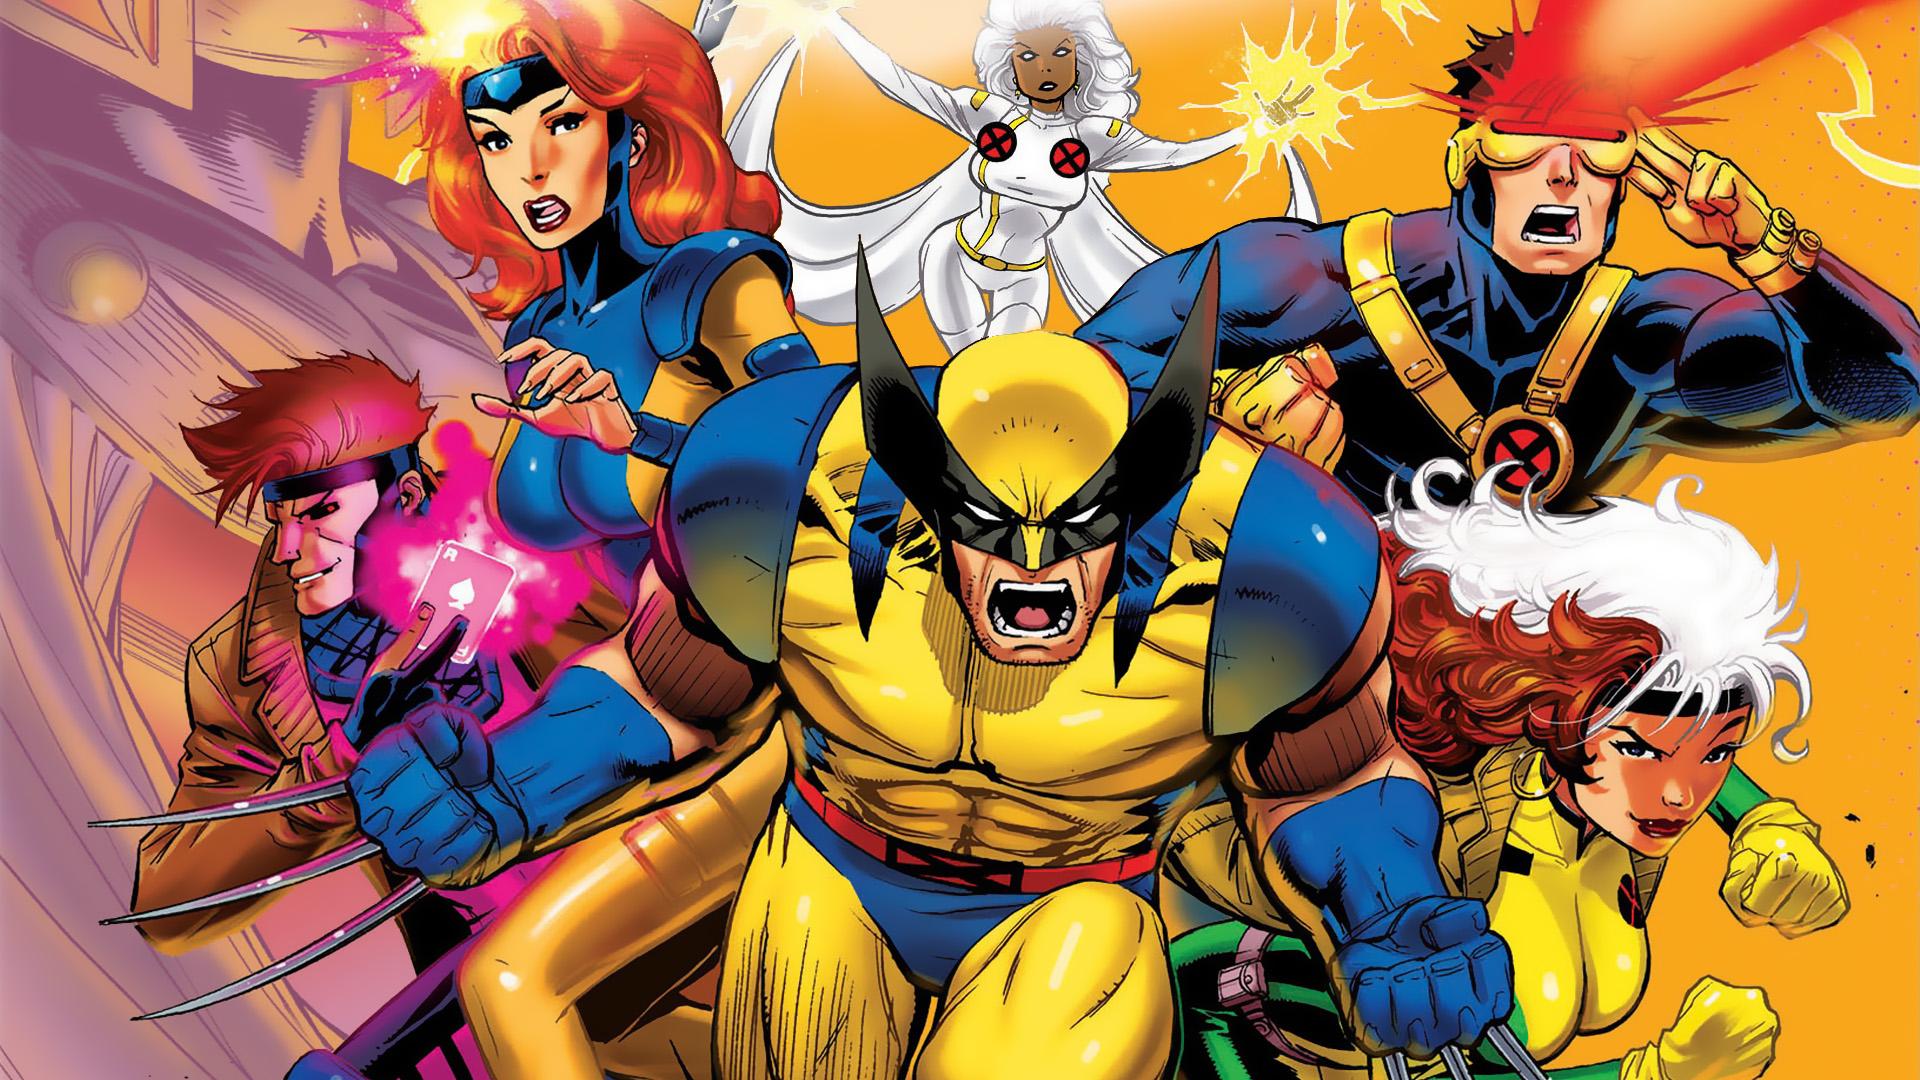 X-men 92 - PS4Wallpapers.com